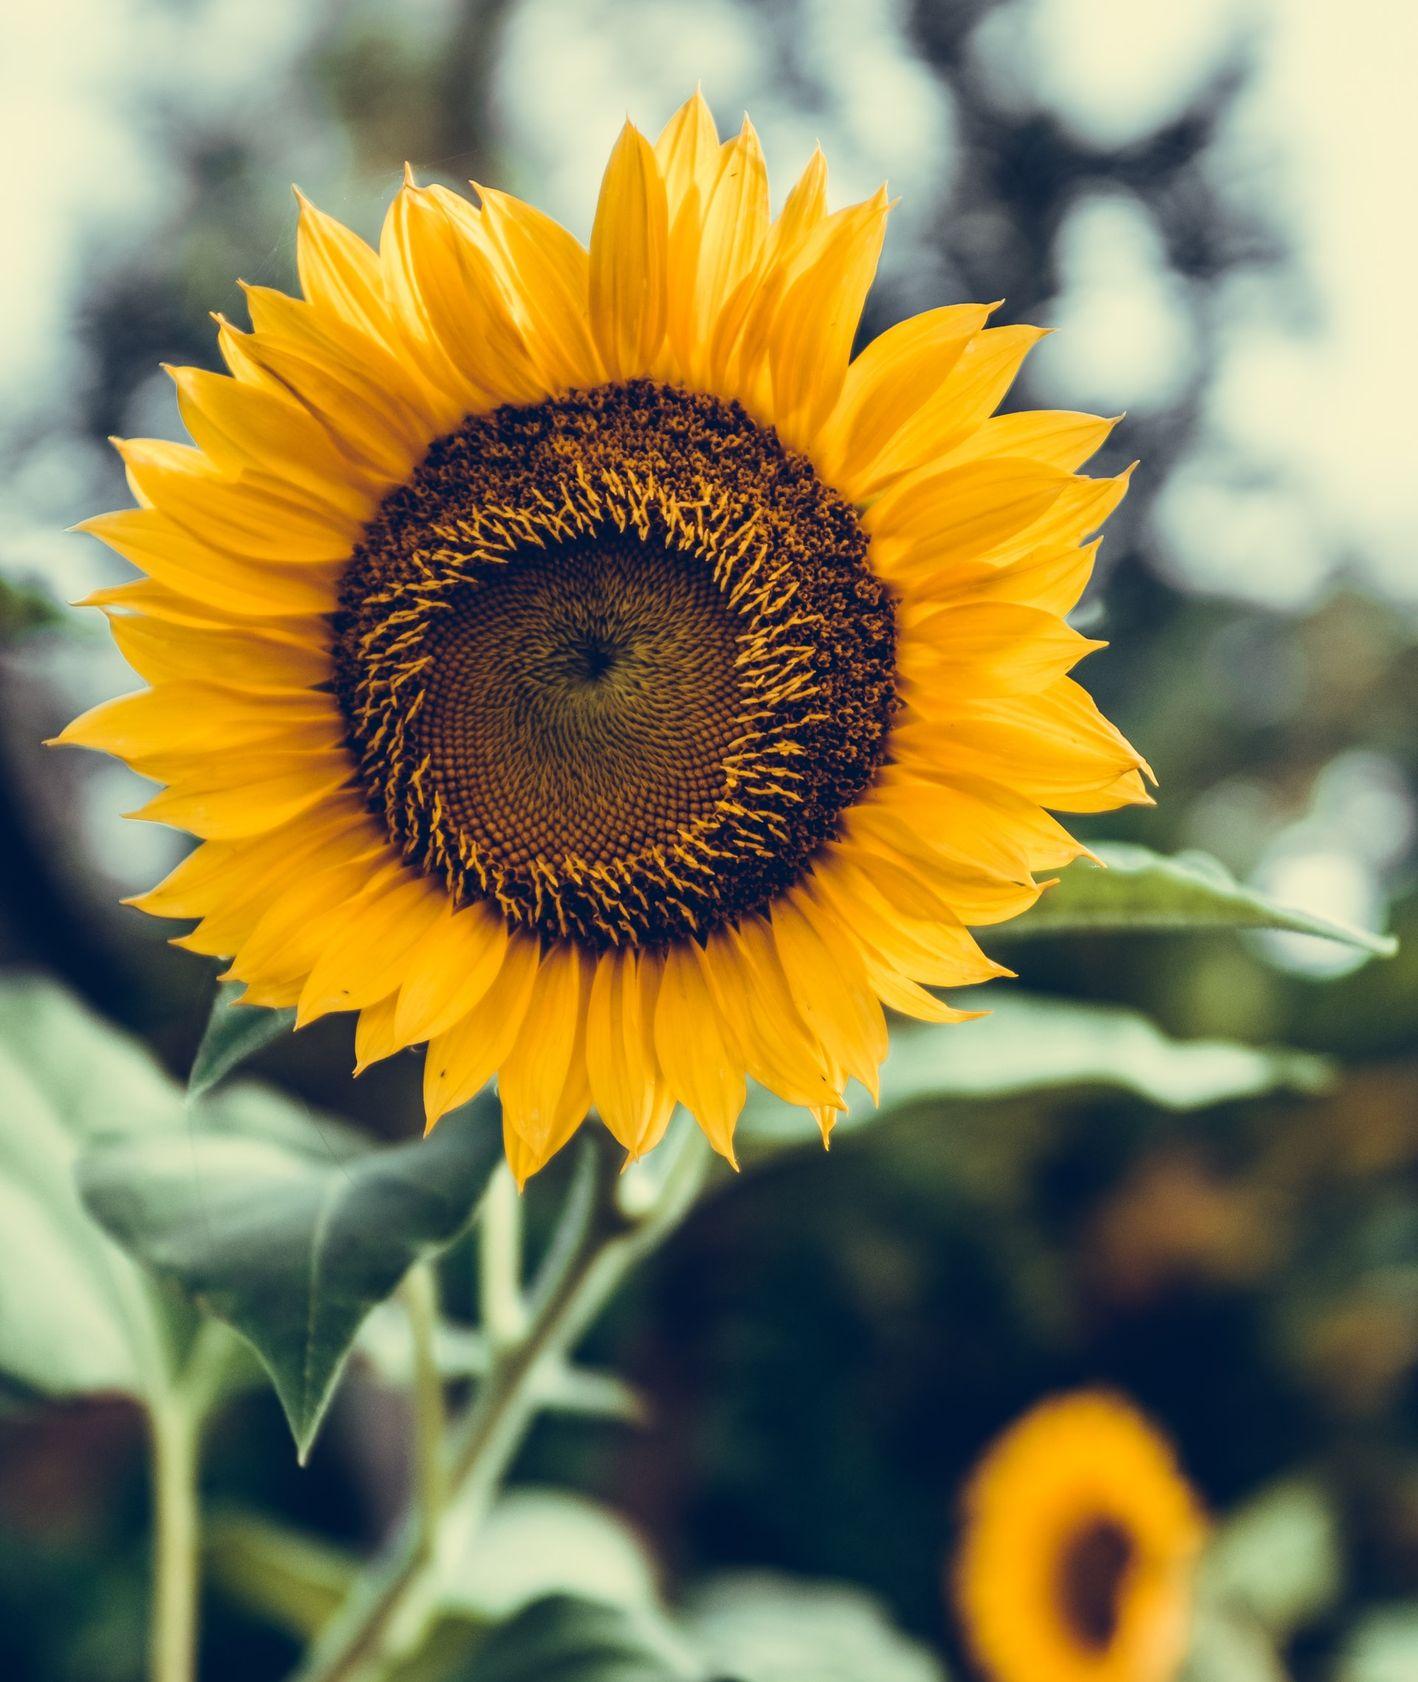 Słonecznik na polu słonecznikowym (fot. Bernard Hermant / unsplash.com)